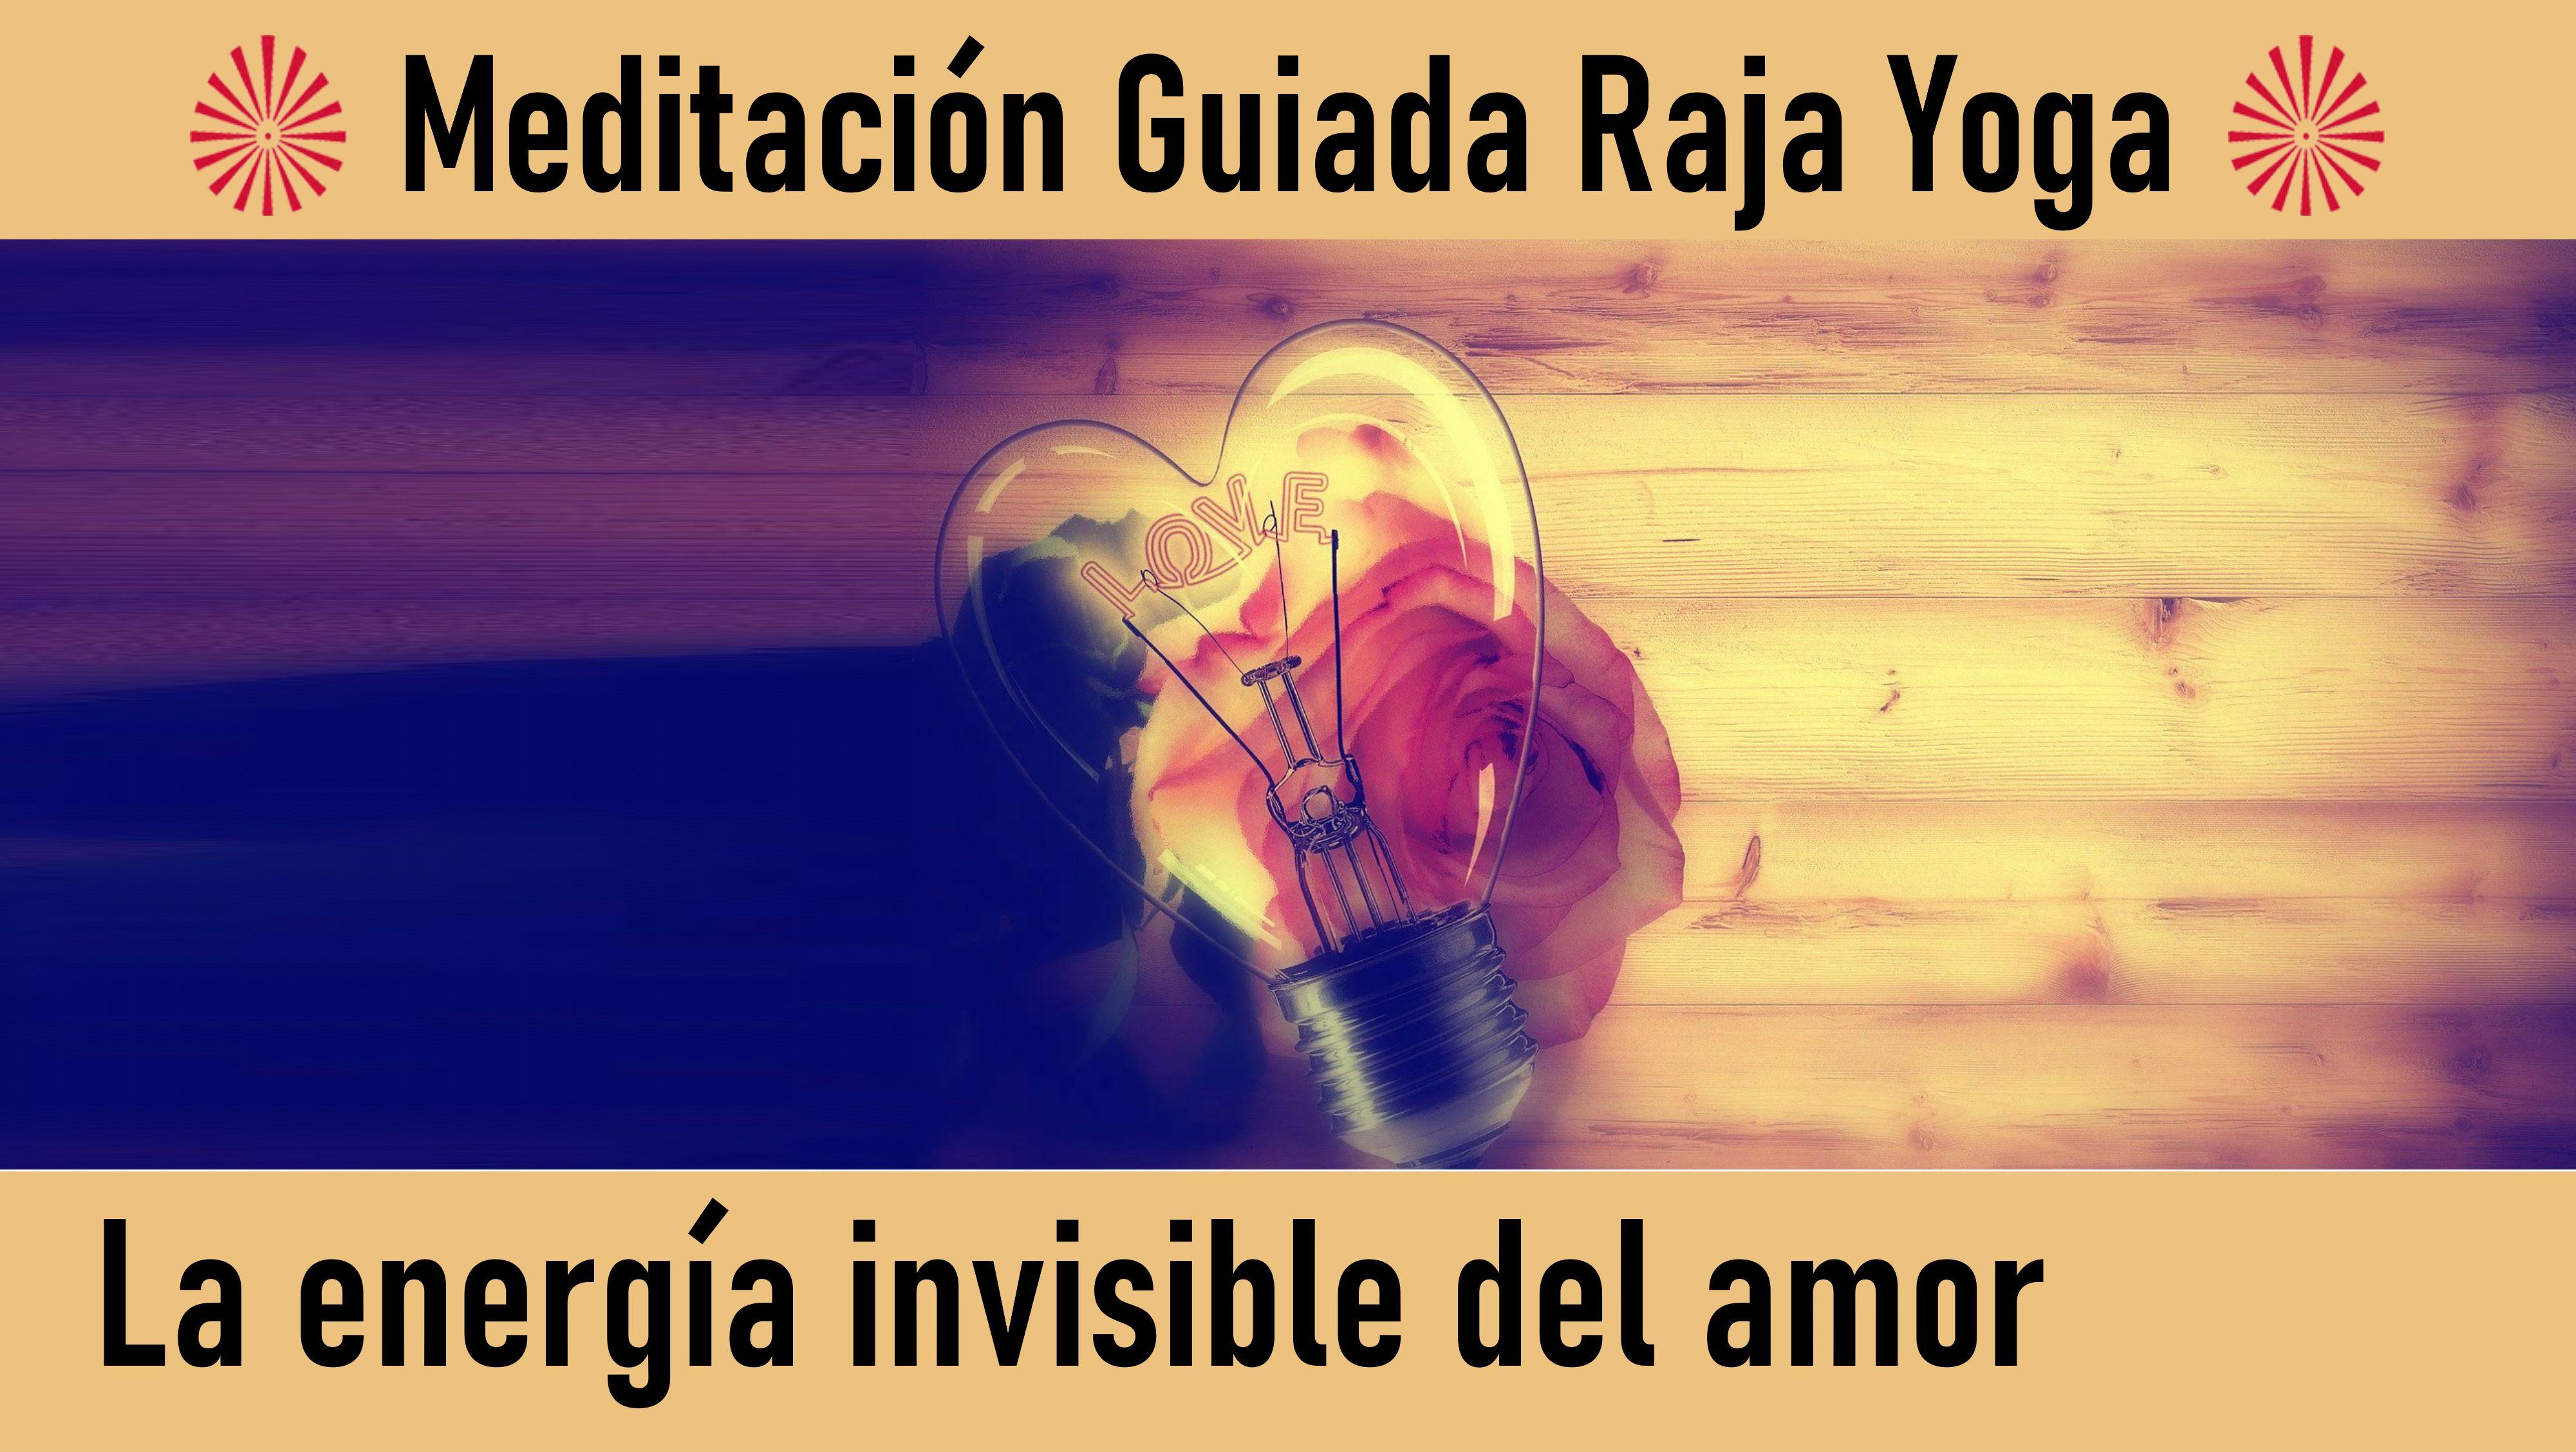 20 Julio 2020 Meditación guiada: La energía invisible del amor